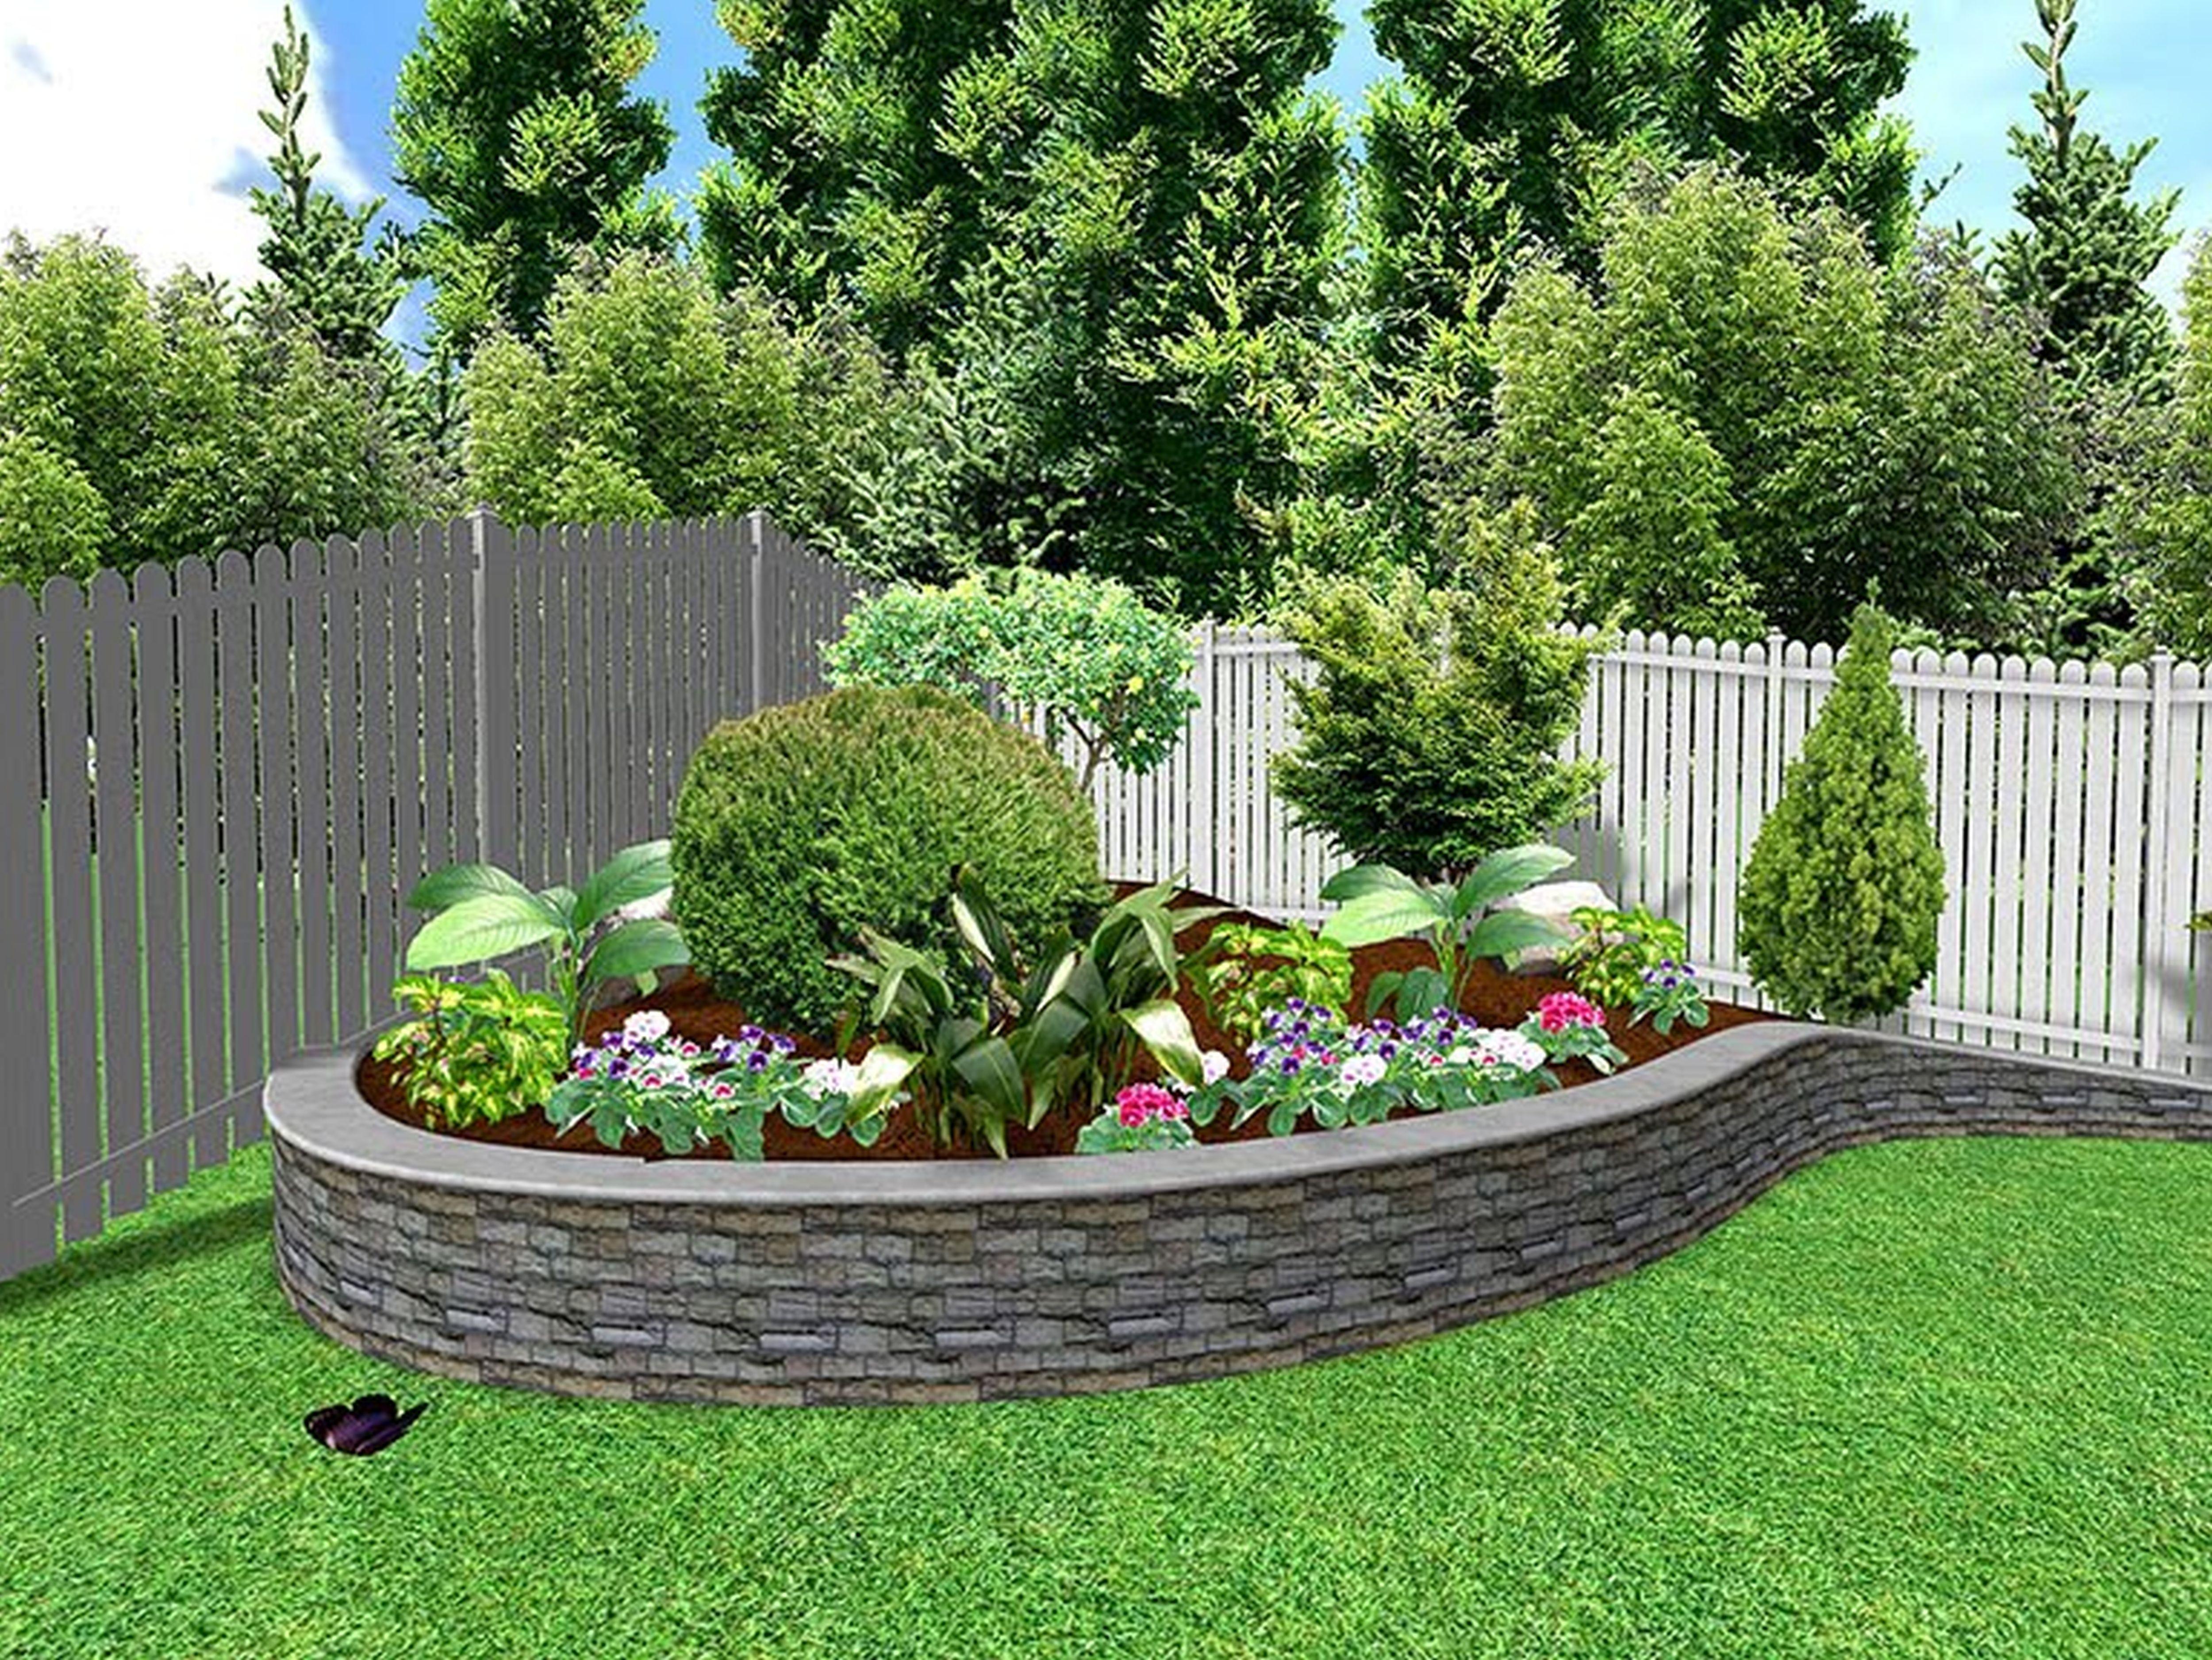 easy garden design ideas photo - 6